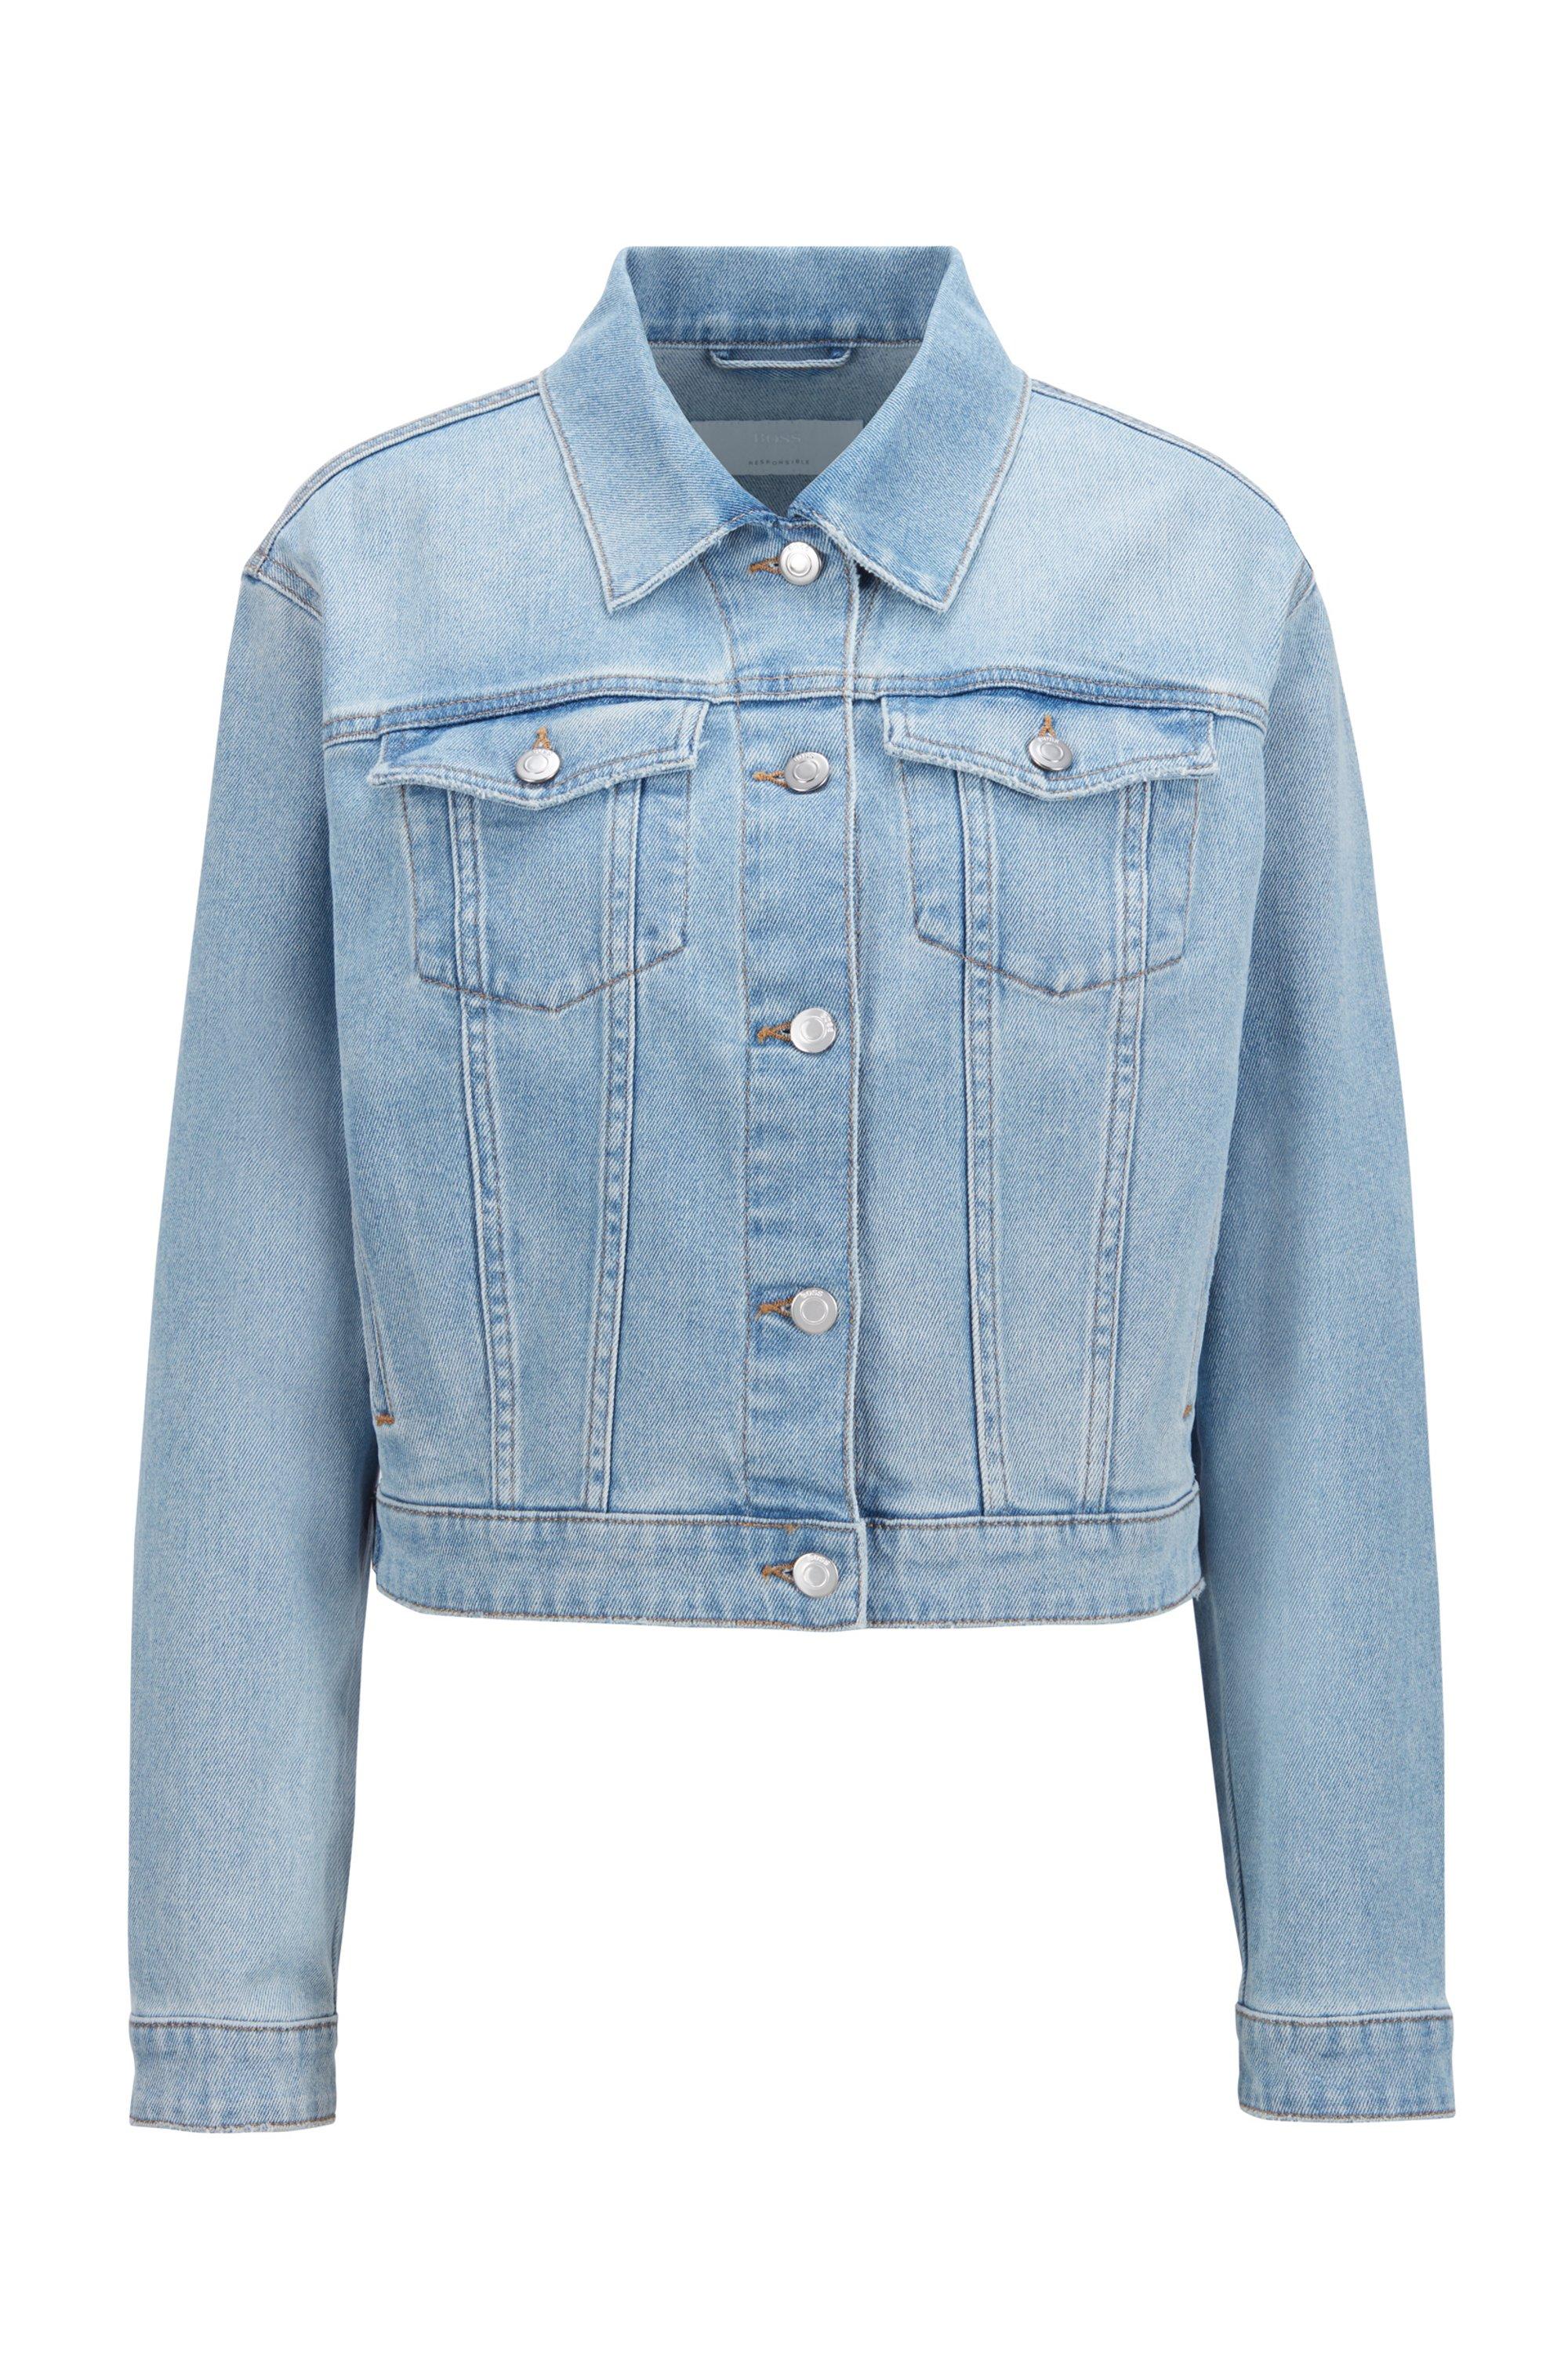 Relaxed-Fit Jeansjacke mit gebleichter blauer Waschung, Hellblau